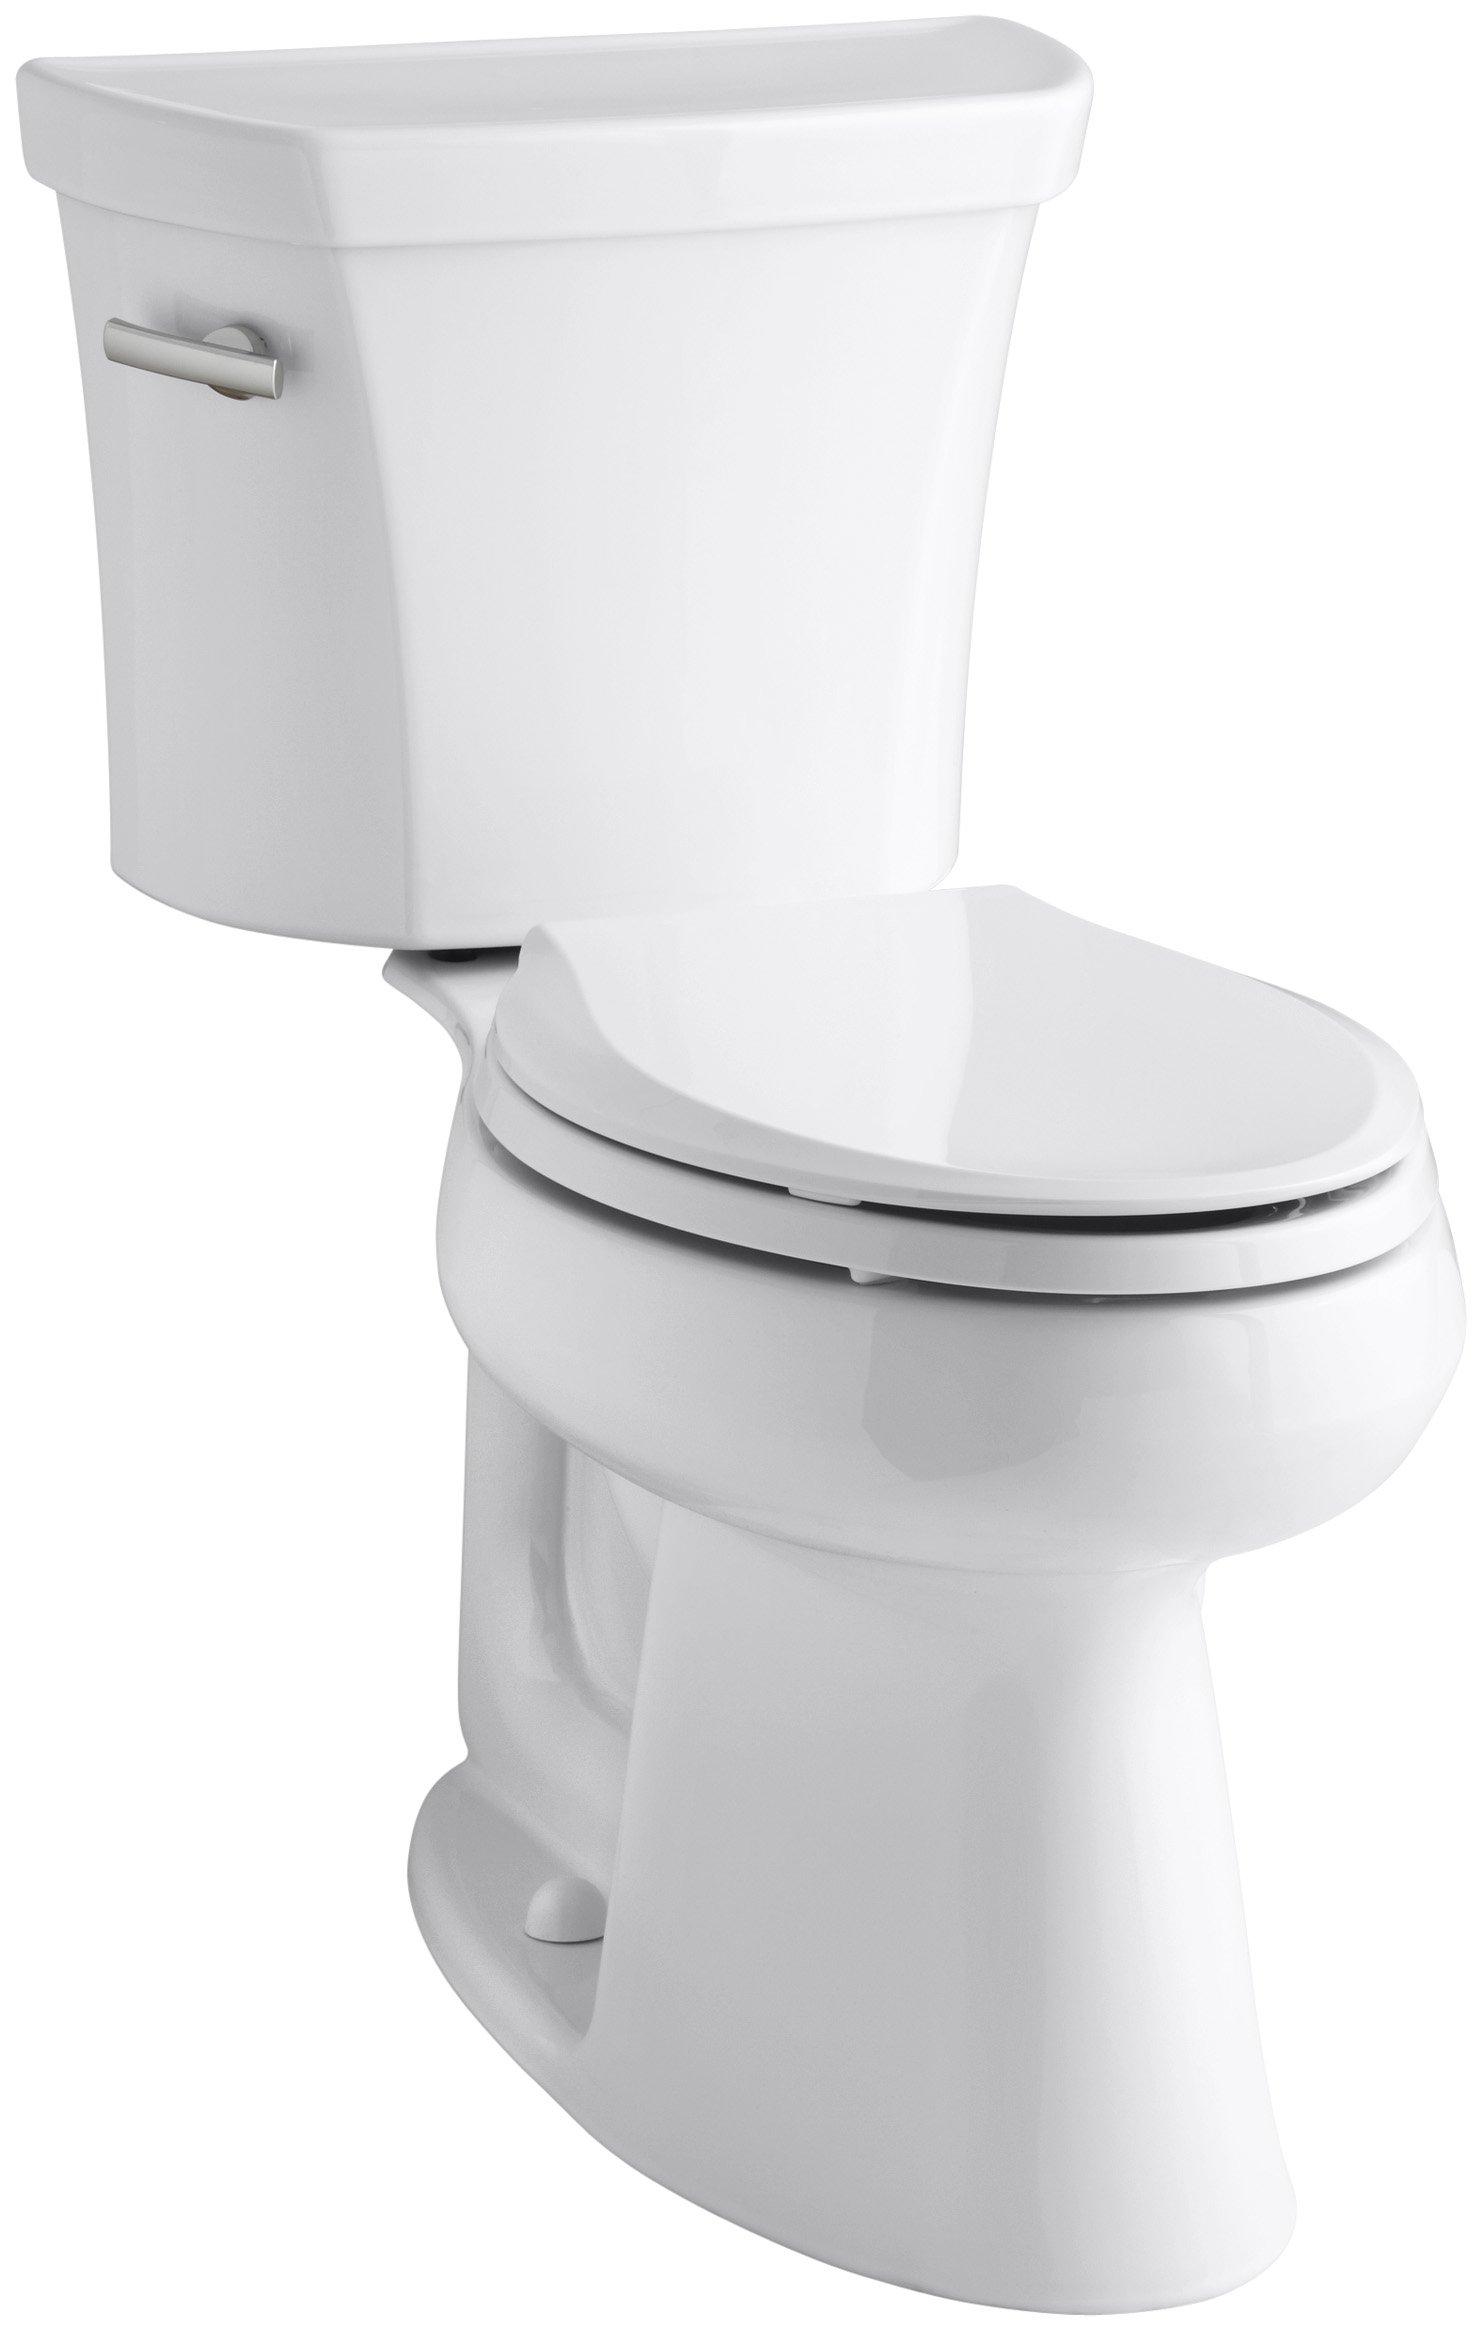 Kohler K-3979-0 Highline Comfort Height 1.6 gpf Toilet, White by Kohler